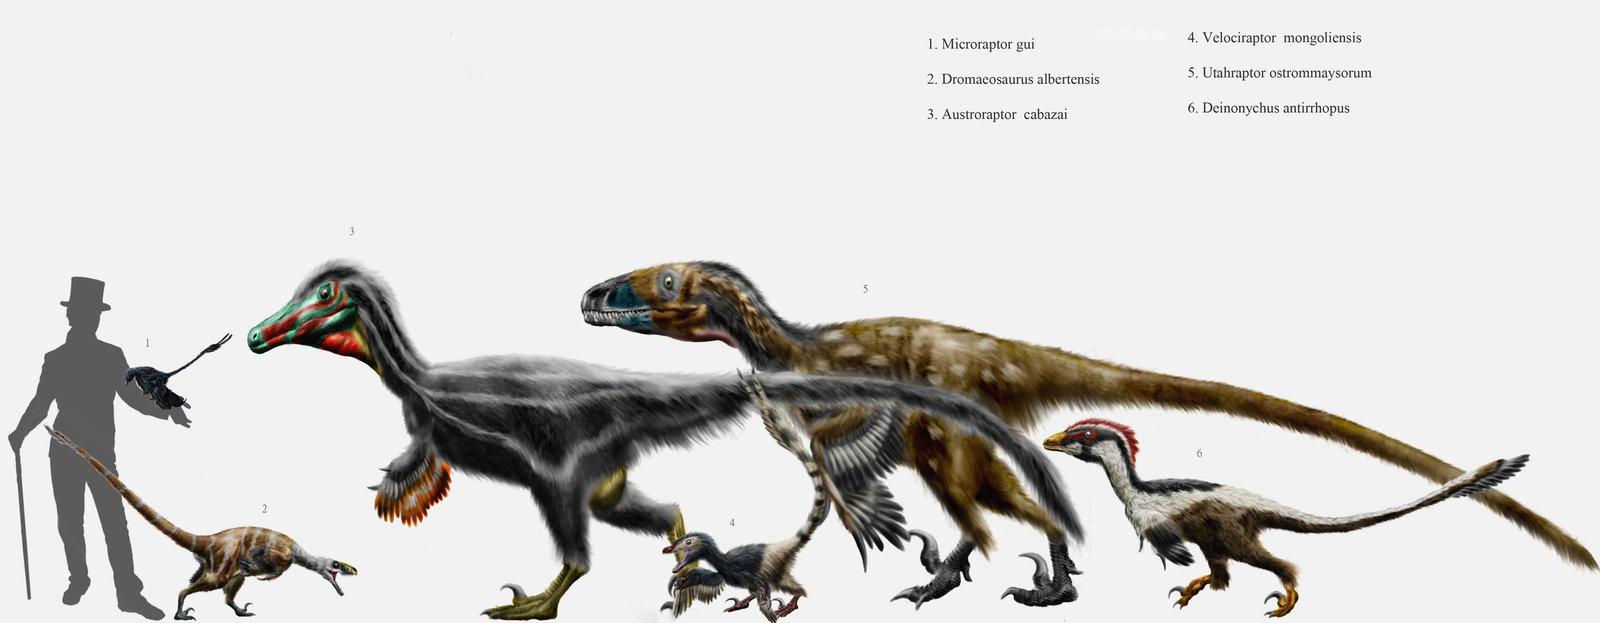 Сравнительная физиология динозавров и птиц. Популярно о малоизвестном. Часть 1 «Кости титанов» - 2